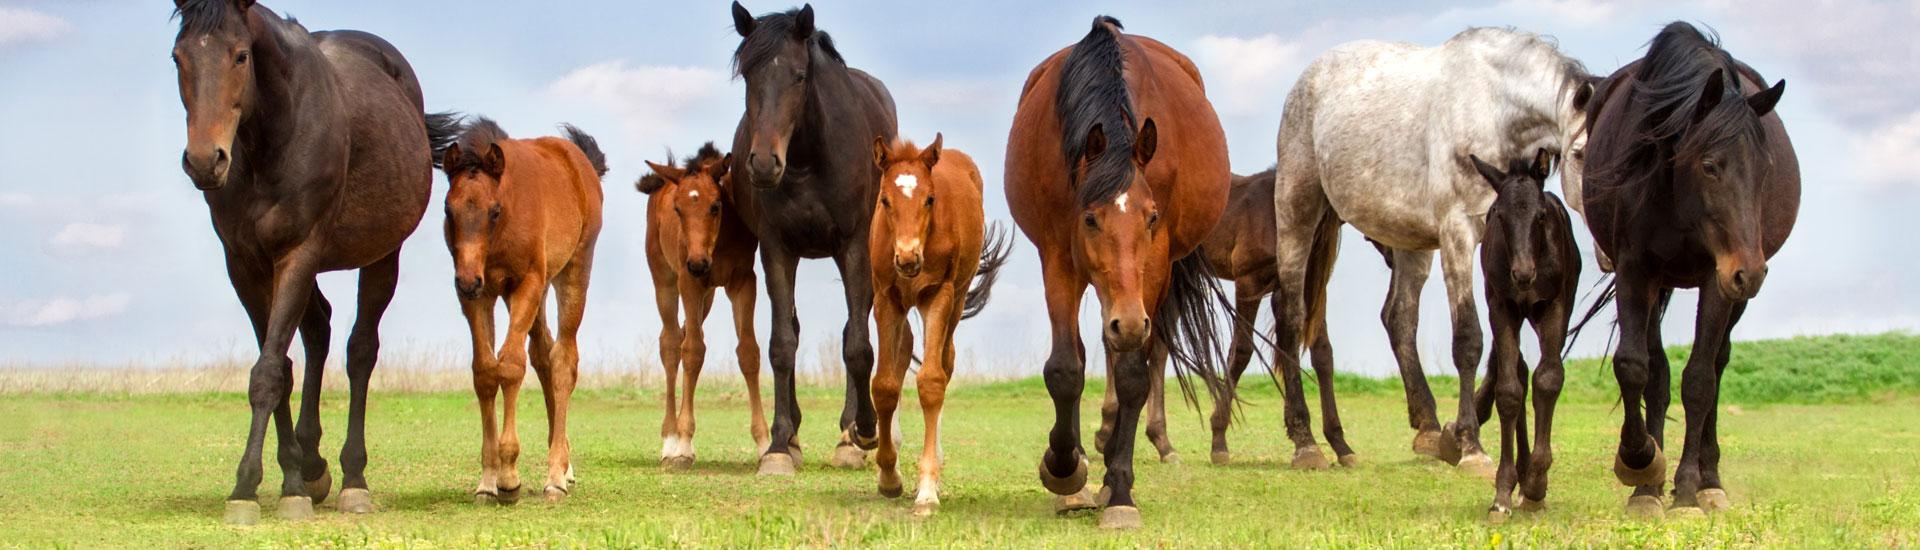 headbilder-kapitel-pferdefutter-zucht